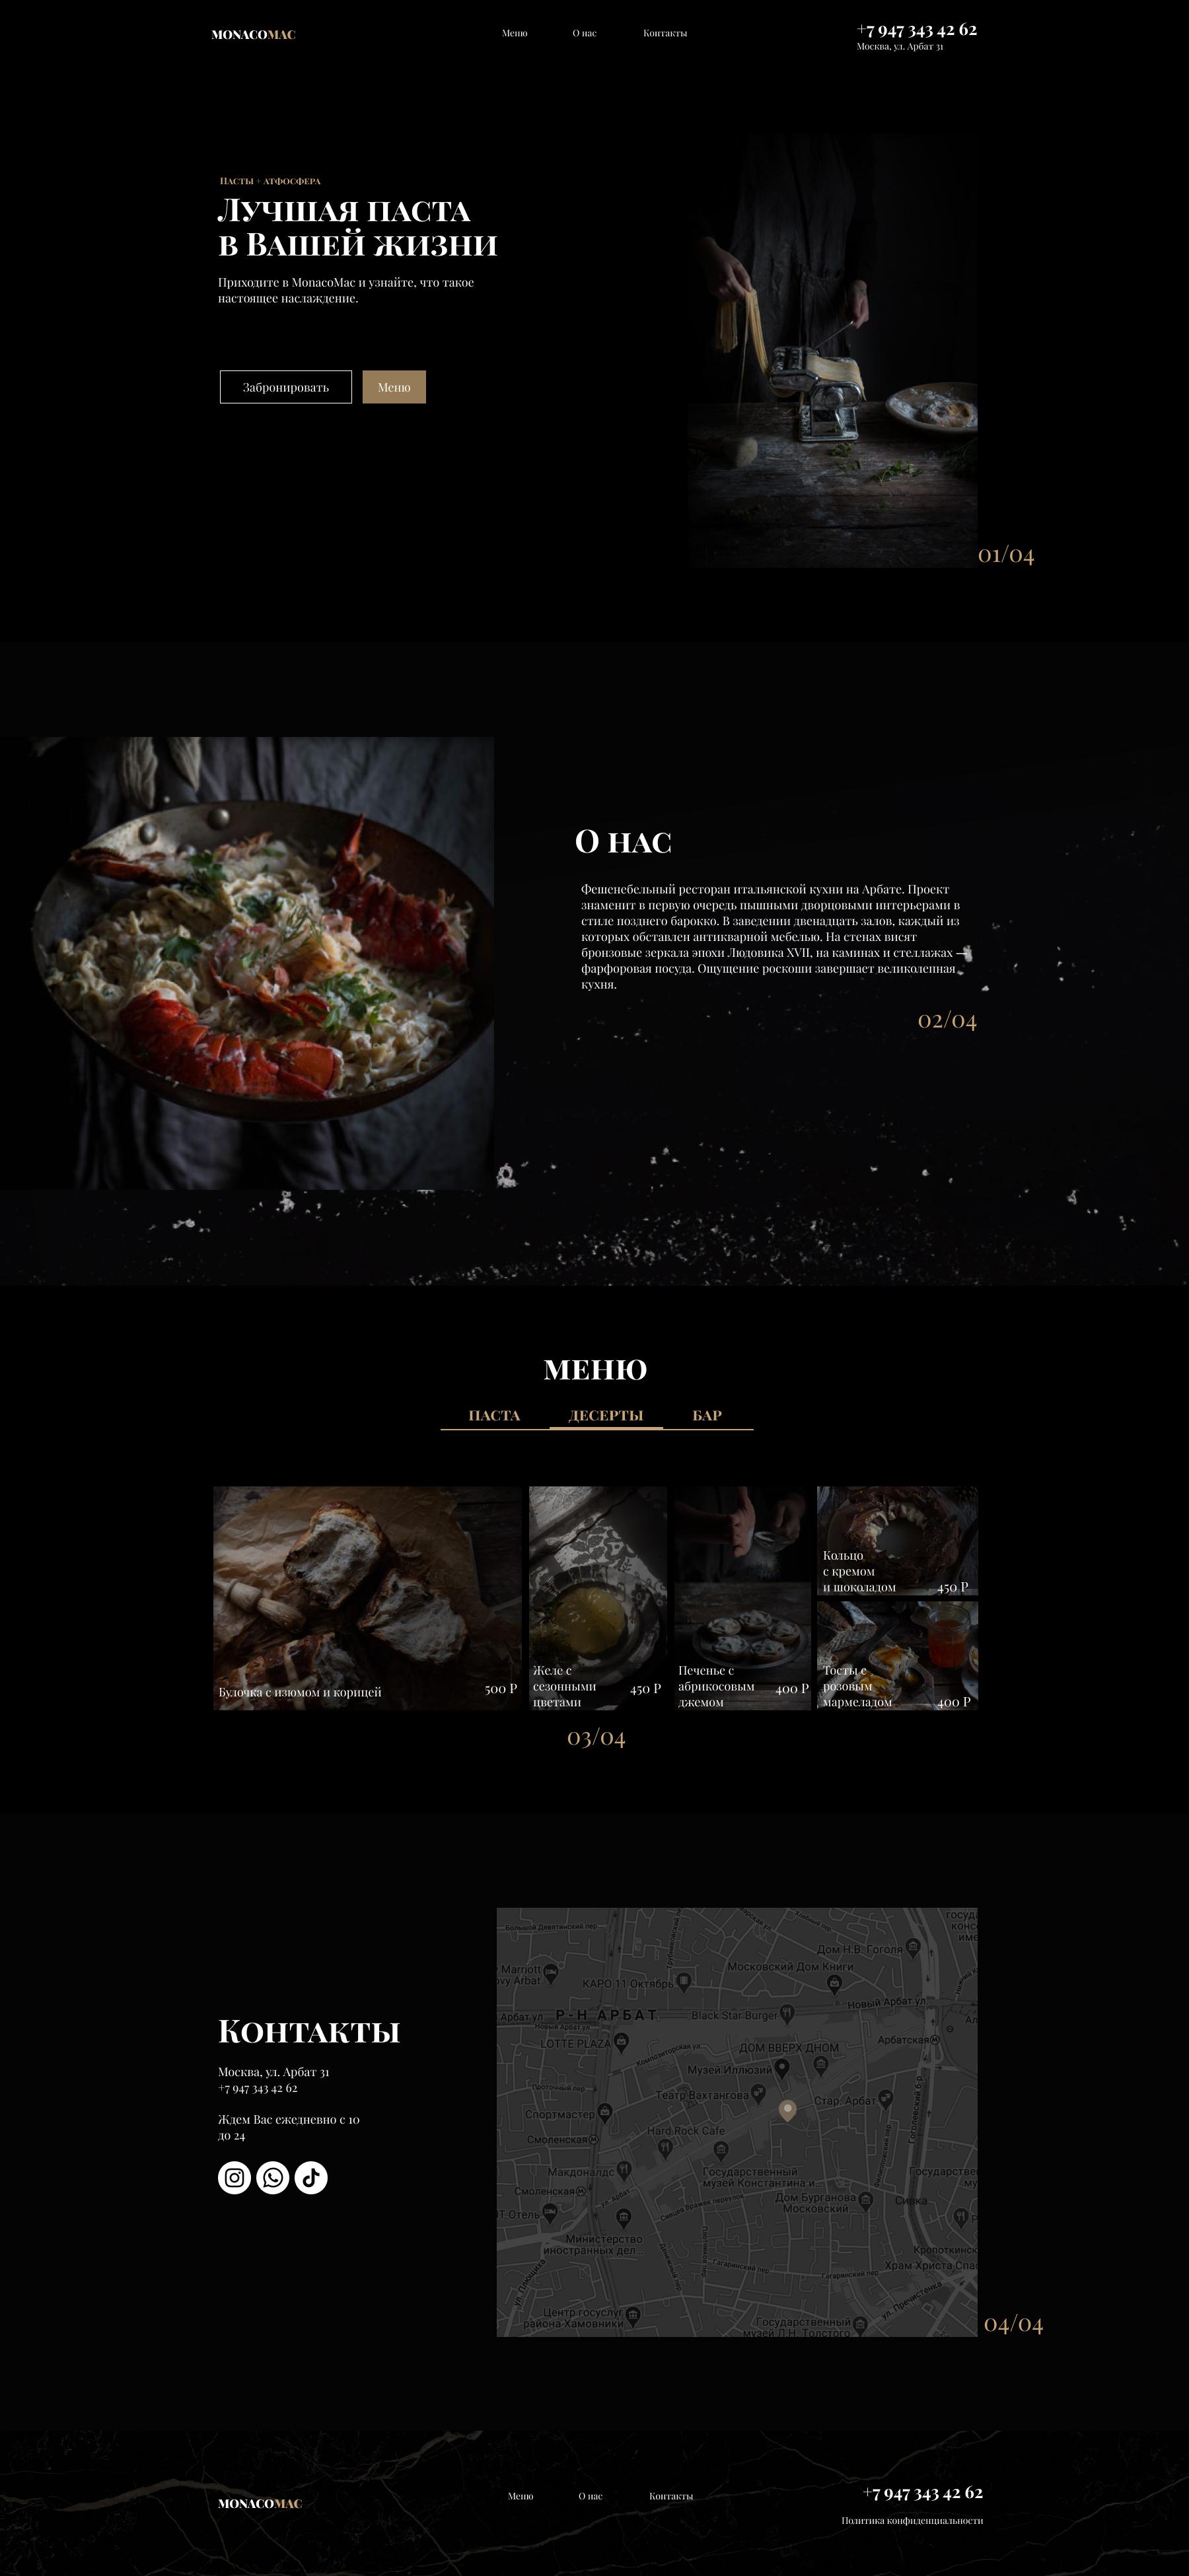 Сайт ресторана итальянской кухни